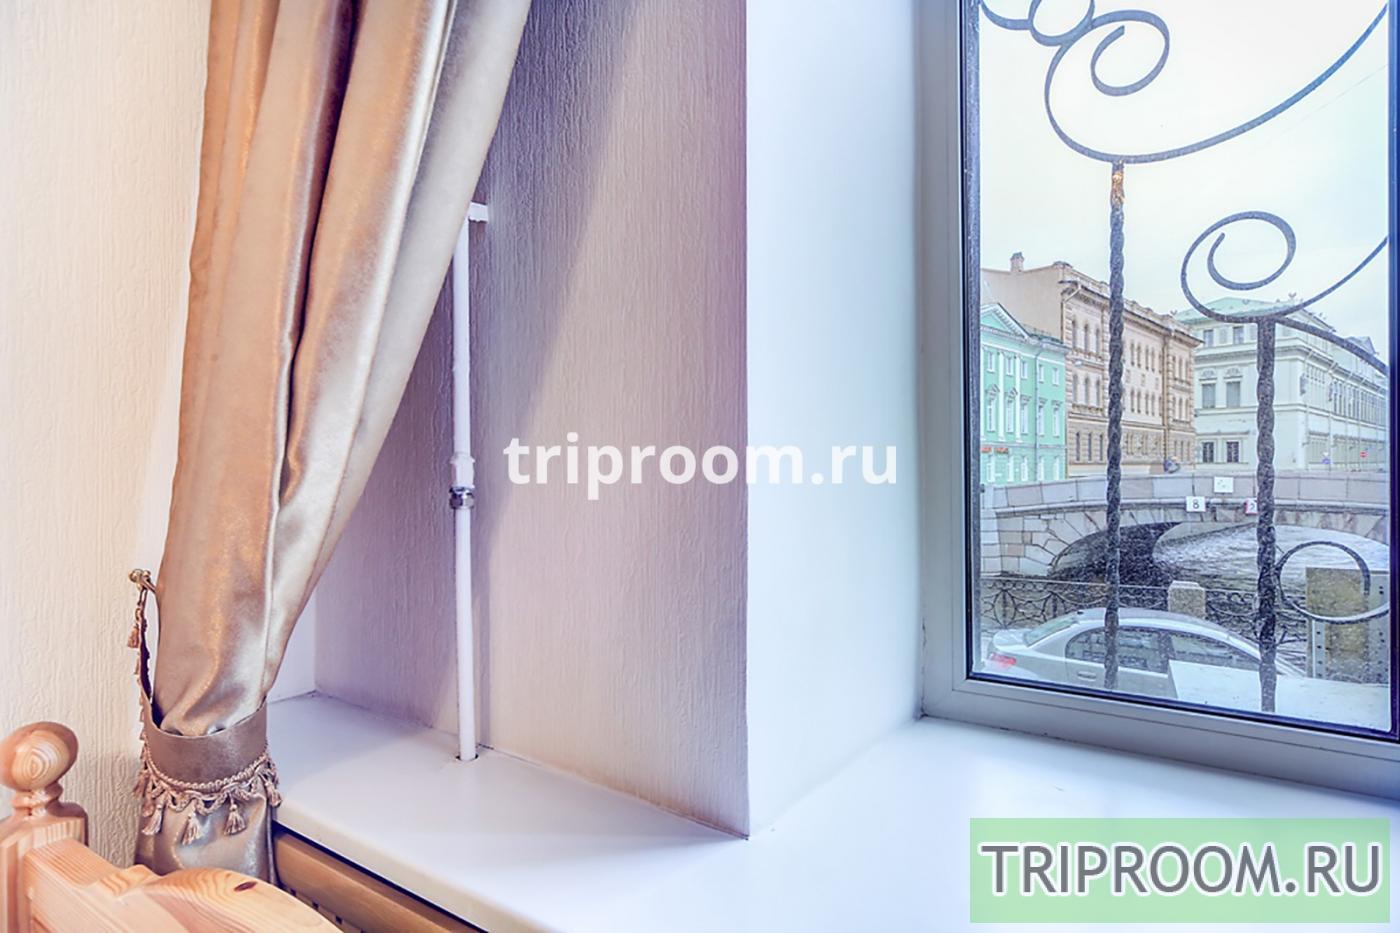 4-комнатная квартира посуточно (вариант № 20160), ул. Реки Мойки набережная, фото № 19